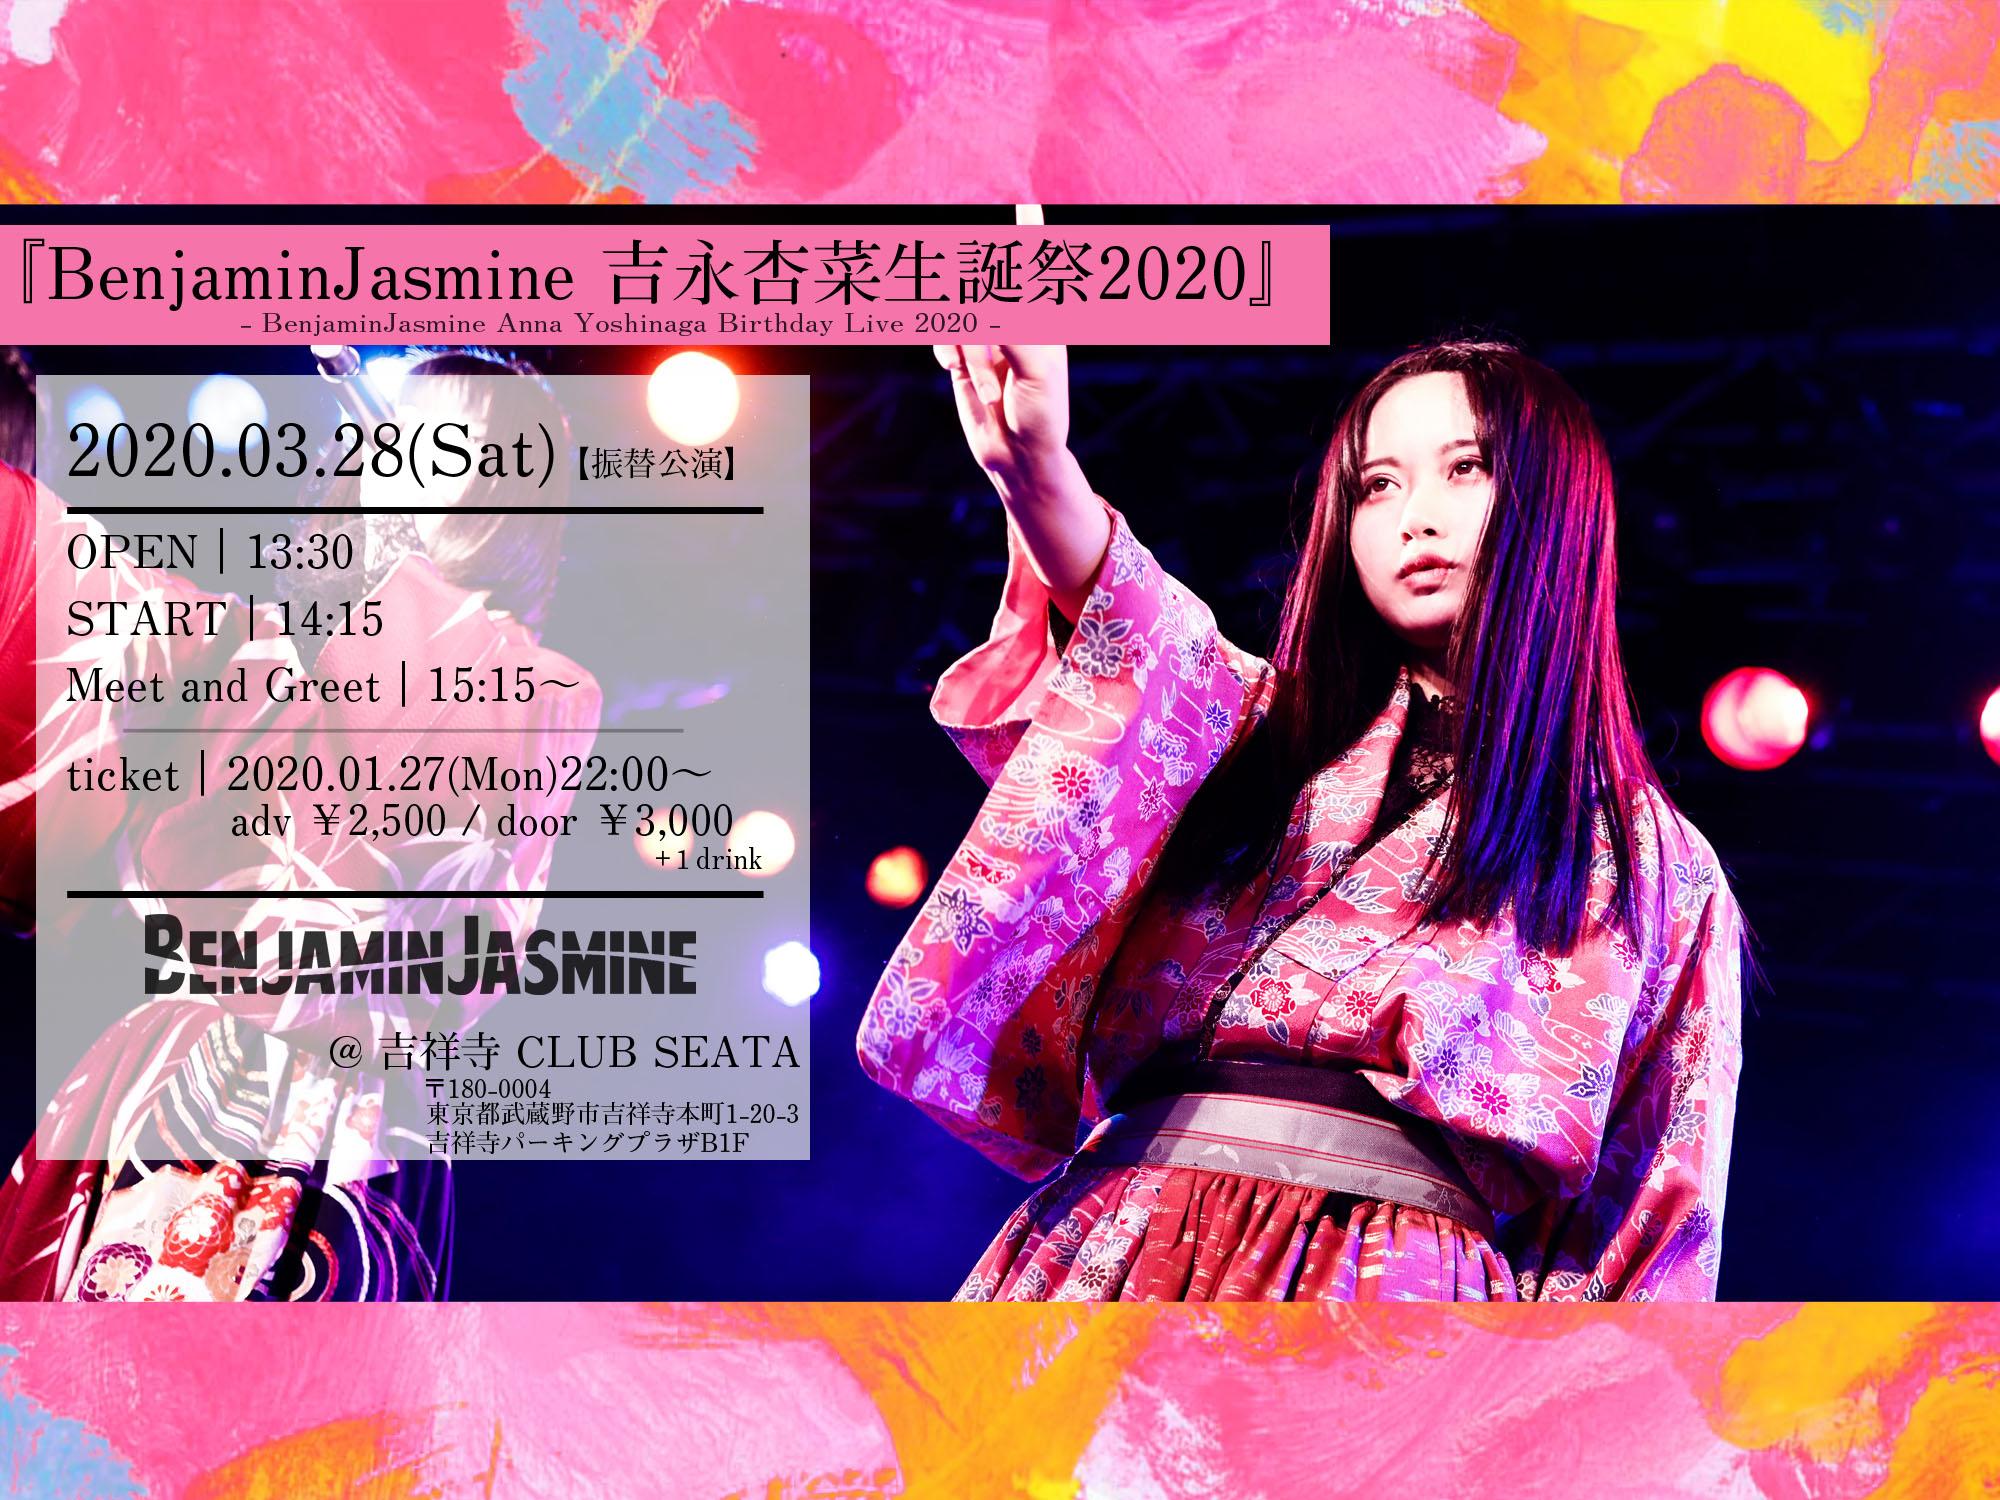 3月28日(土)『BenjaminJasmine 吉永杏菜生誕祭2020』開催決定【延期公演】